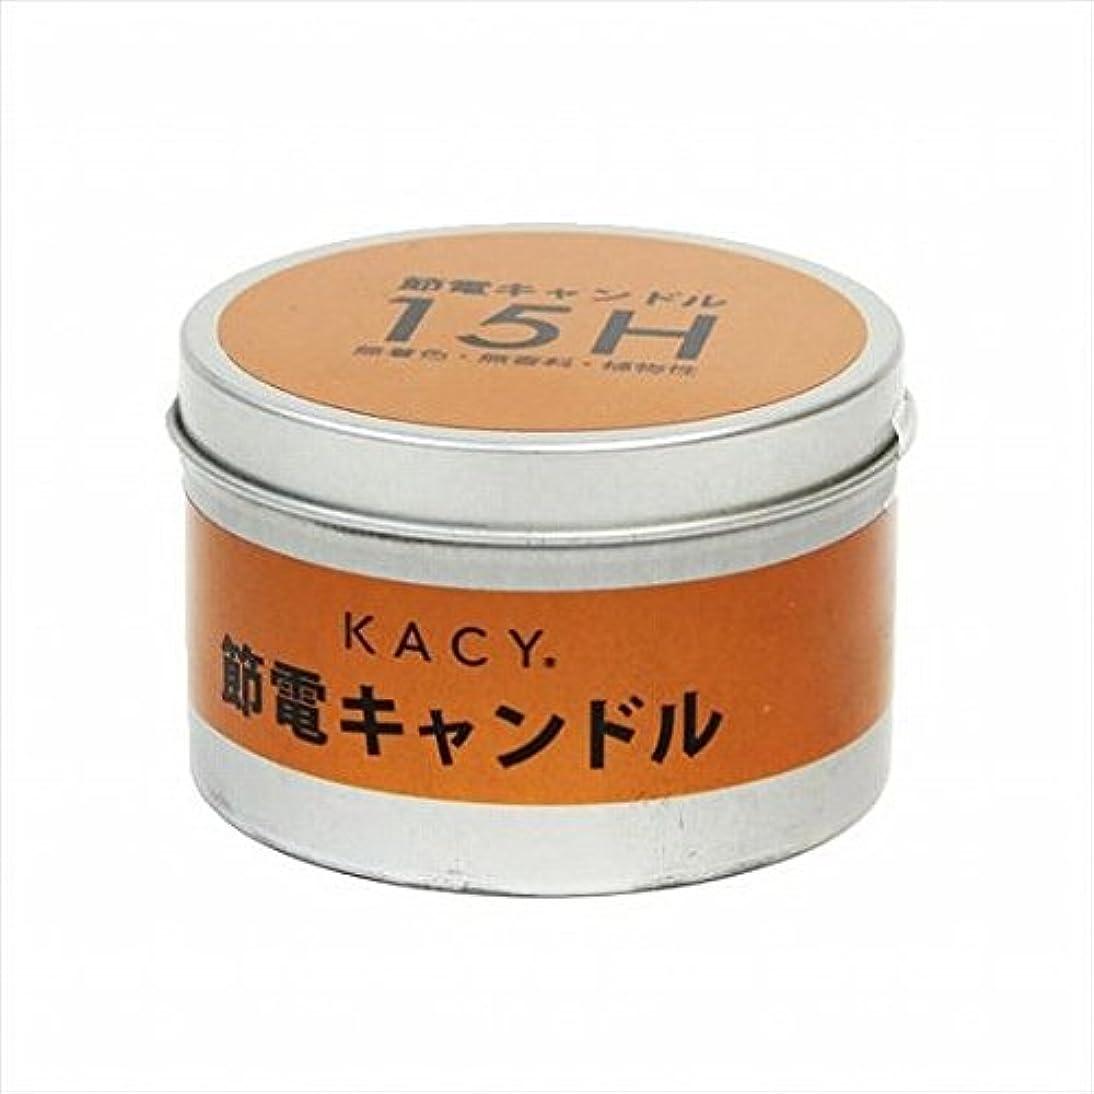 ベックスねじれアヒルkameyama candle(カメヤマキャンドル) 節電缶キャンドル15時間タイプ キャンドル 80x80x48mm (A9620000)